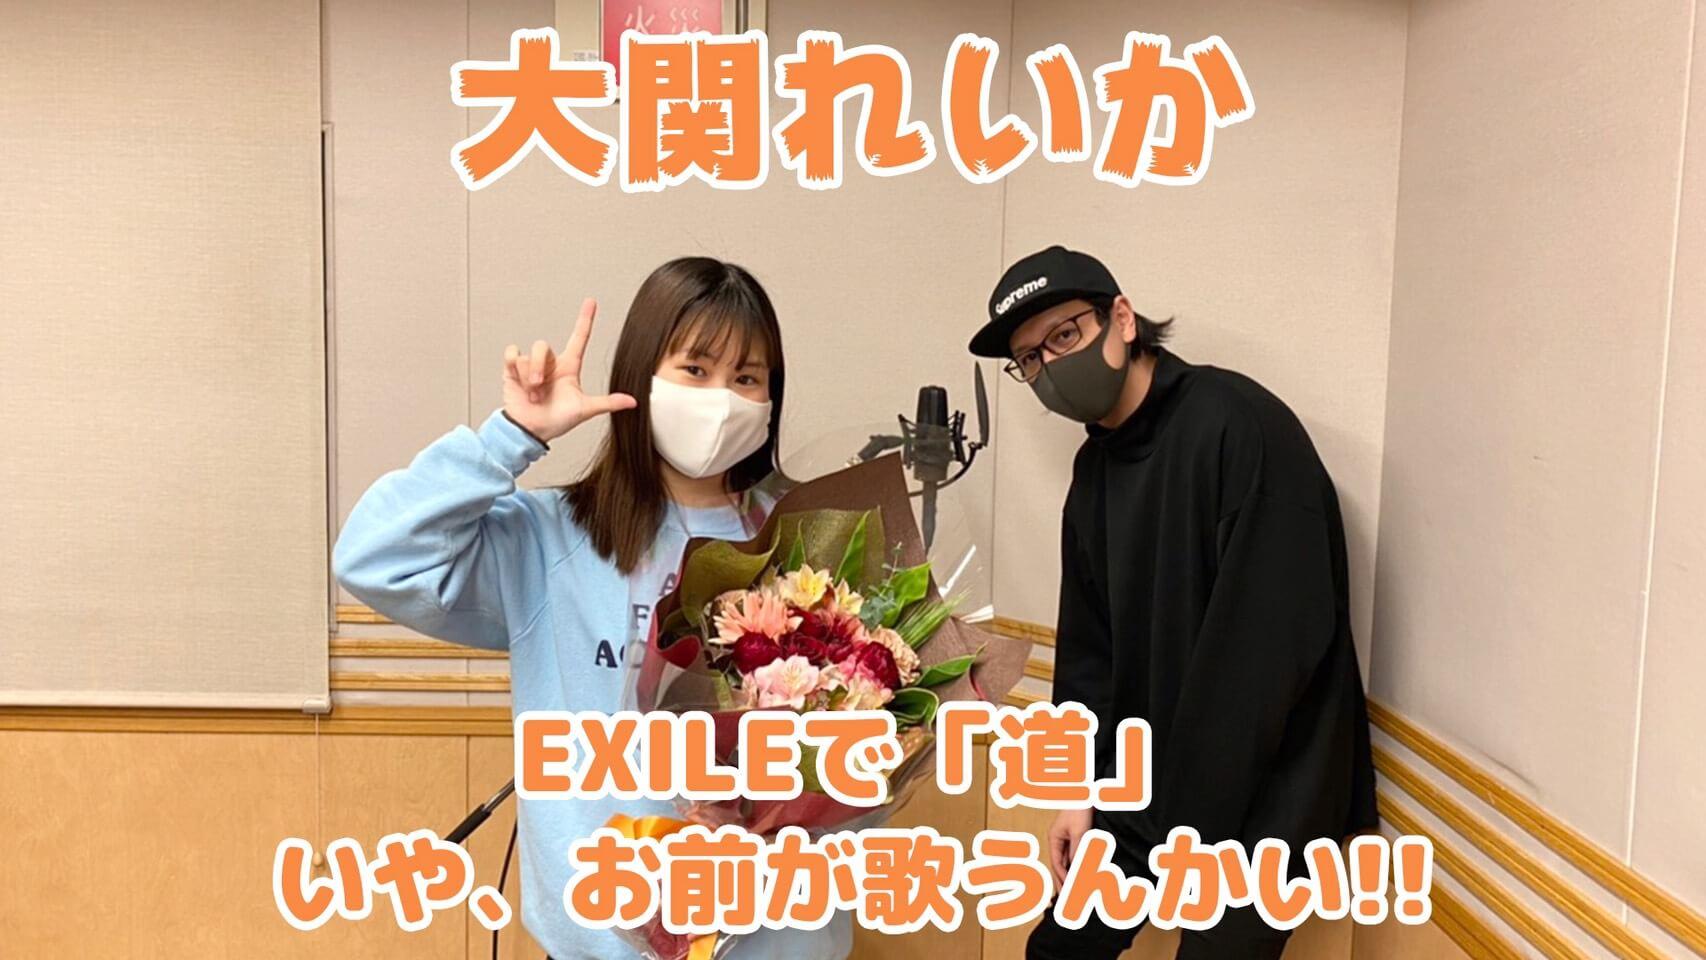 【大関れいか】EXILEで、「道」いや、お前が歌うんかい!!【CultureZ】